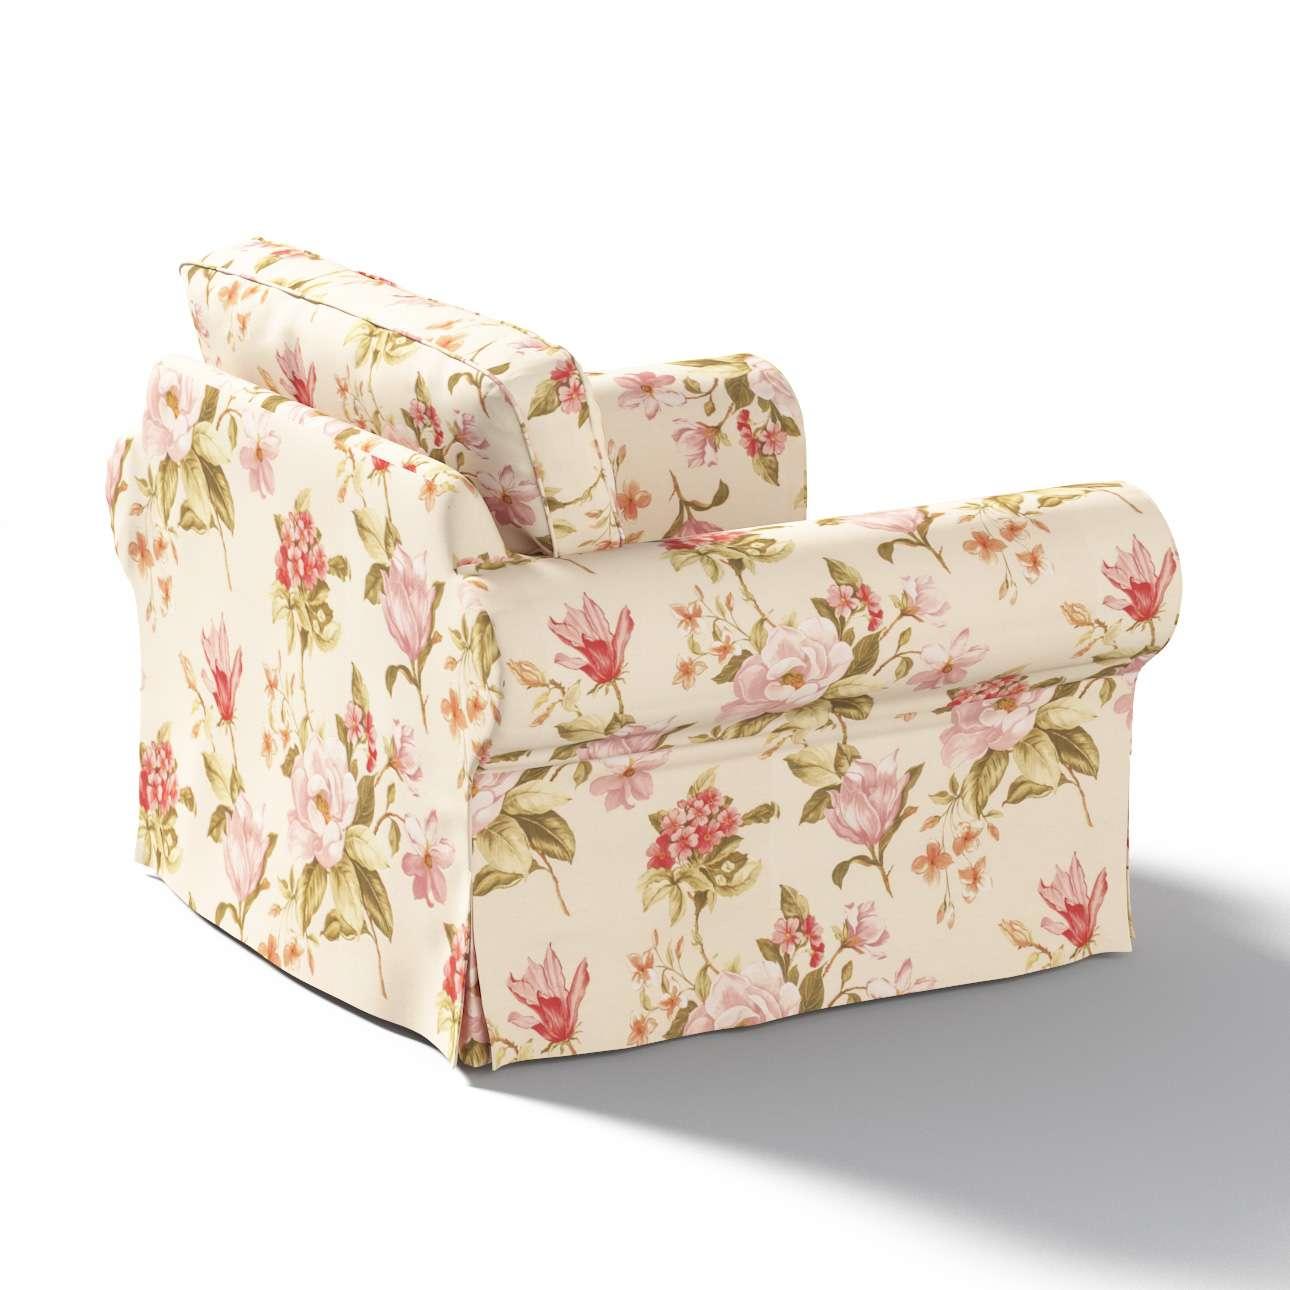 EKTORP fotelio užvalkalas Ektorp fotelio užvalkalas kolekcijoje Londres, audinys: 123-05